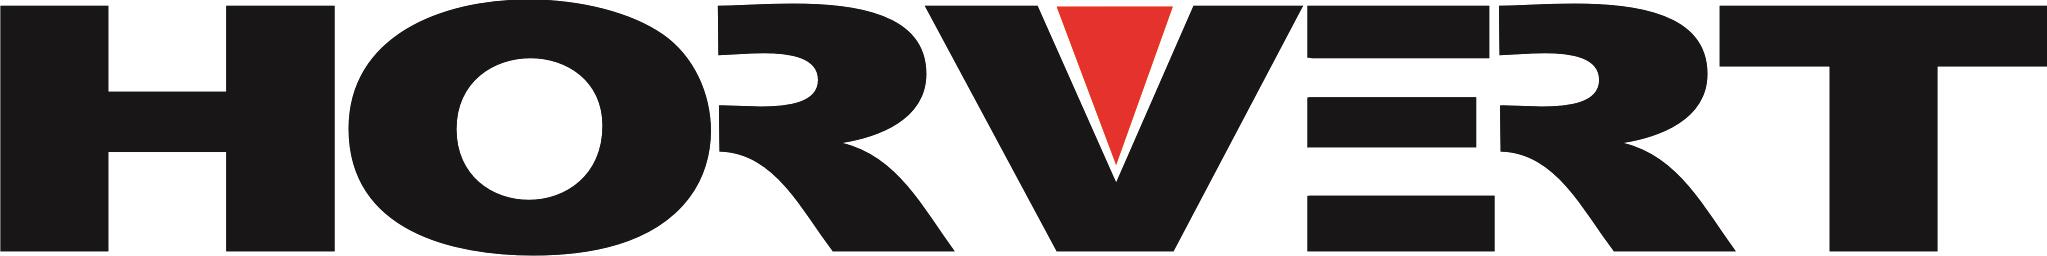 Horvert Inc logo